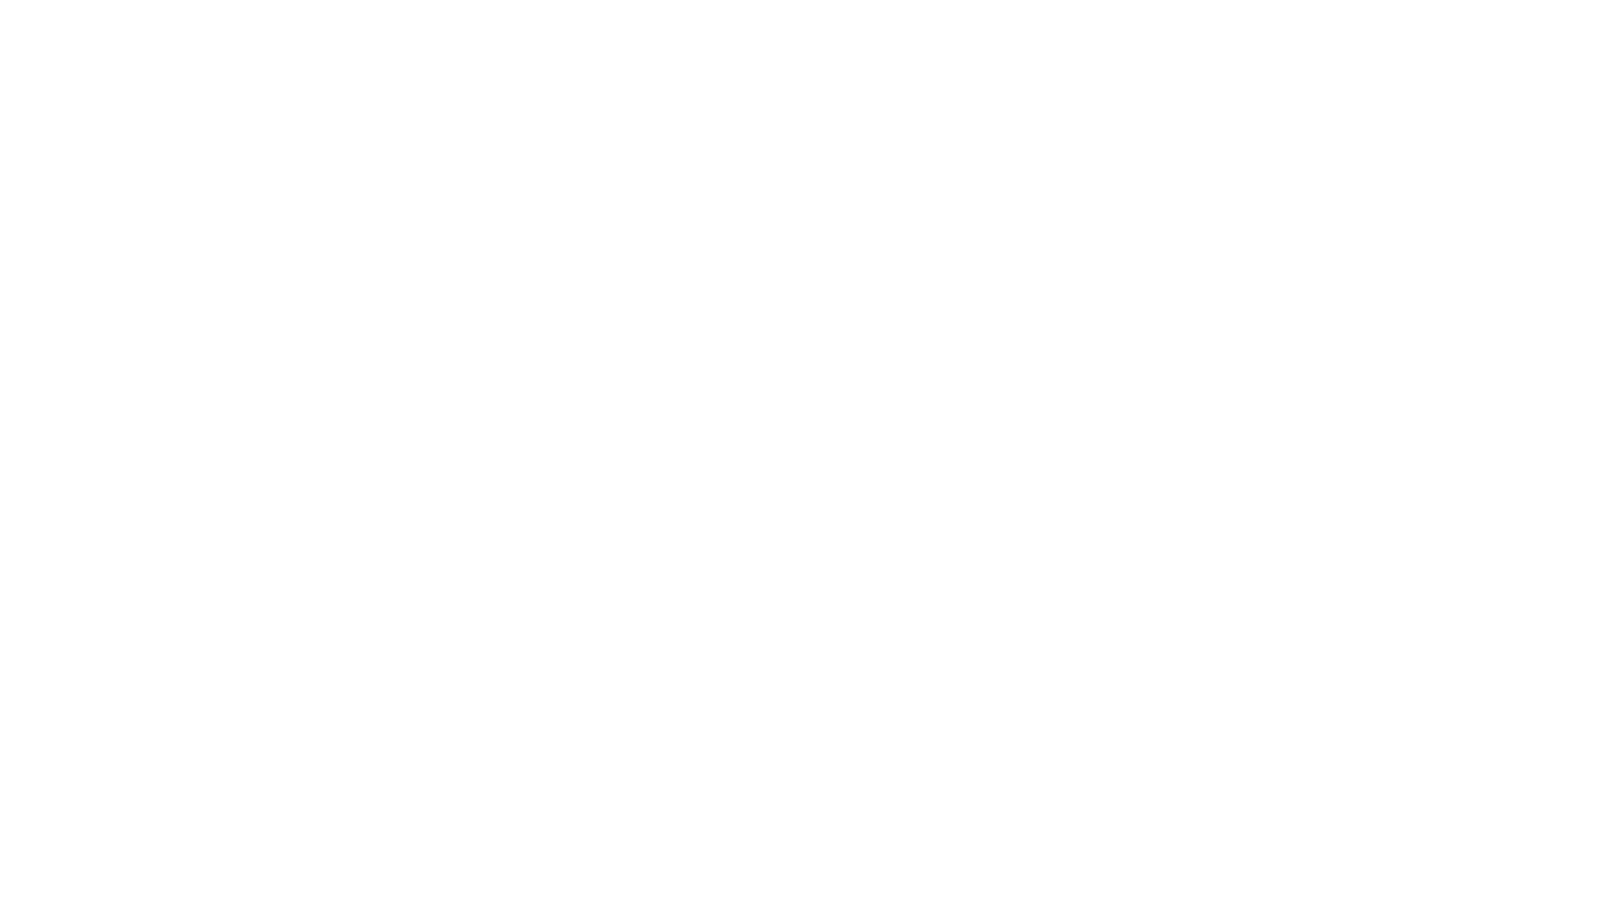 برشی از قسمت اول مجموعه میراث جهانی یونسکو در ایران مربوط به پاسارگاد با عنوان درباره کوروش. اپیزود کامل را در اپ های پادکست گیر گوش کنید.